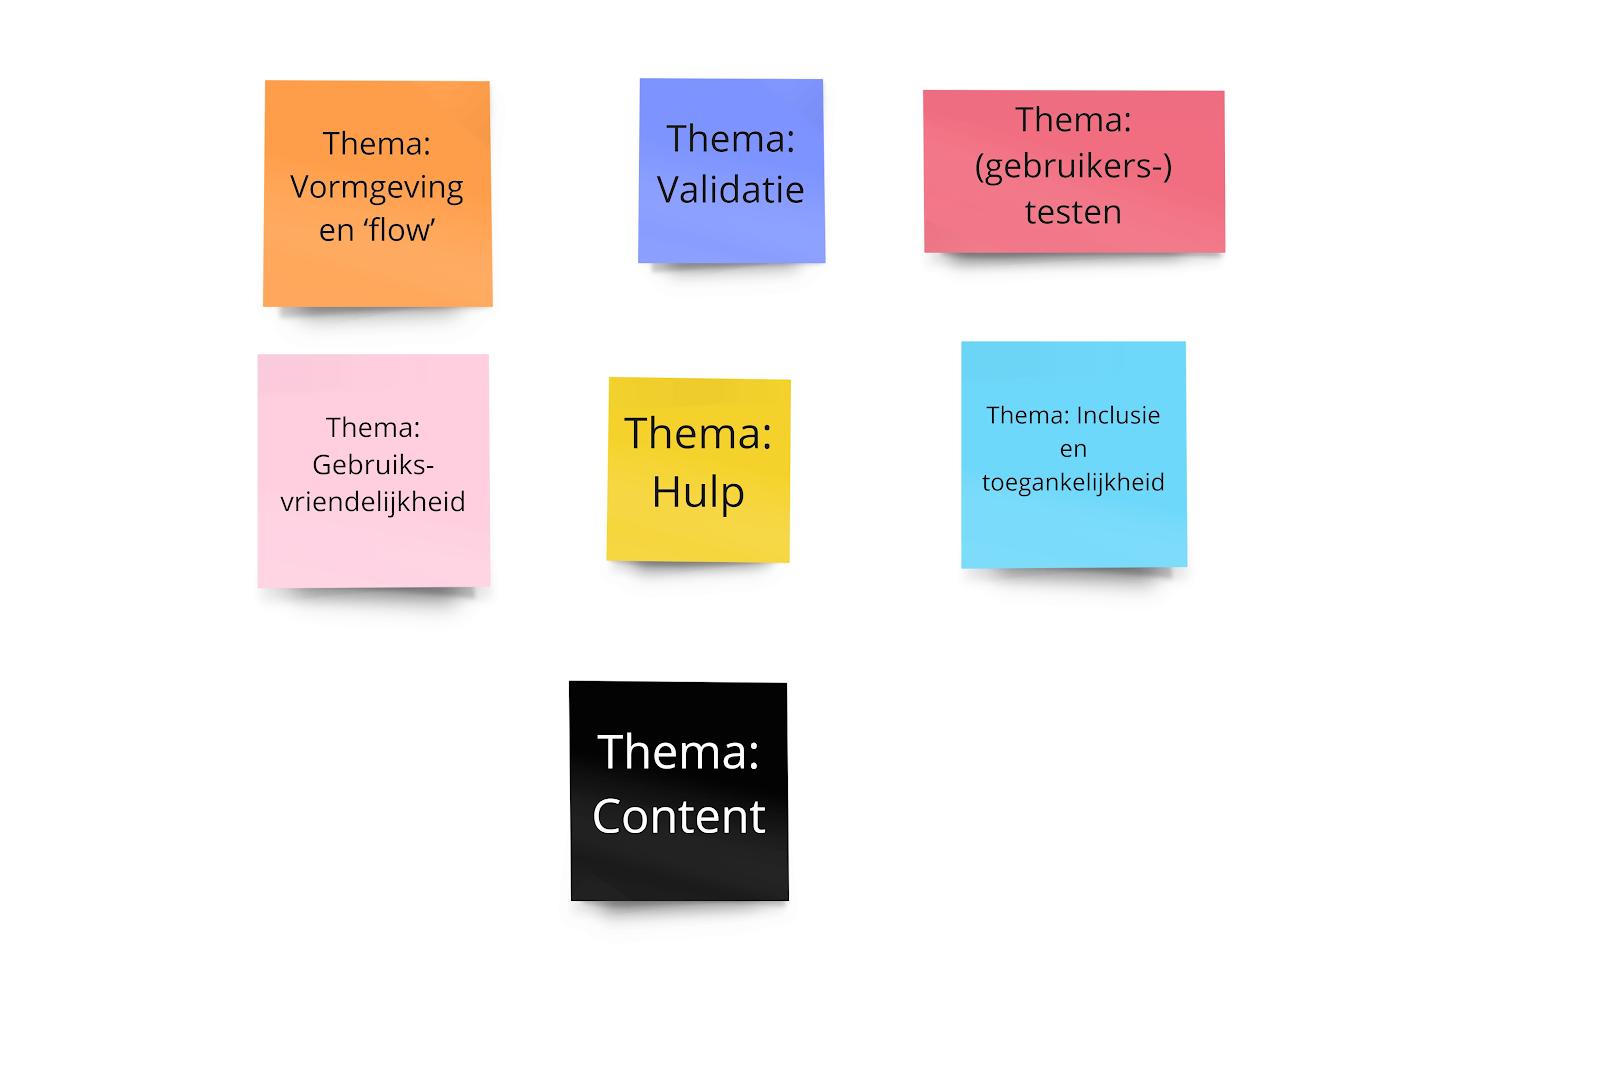 Thema's: vormgeving en flow, validatie, (gebruikers-)testen, gebruiksvriendelijkheid, hulp, inclusie en toegankelijkheid en content